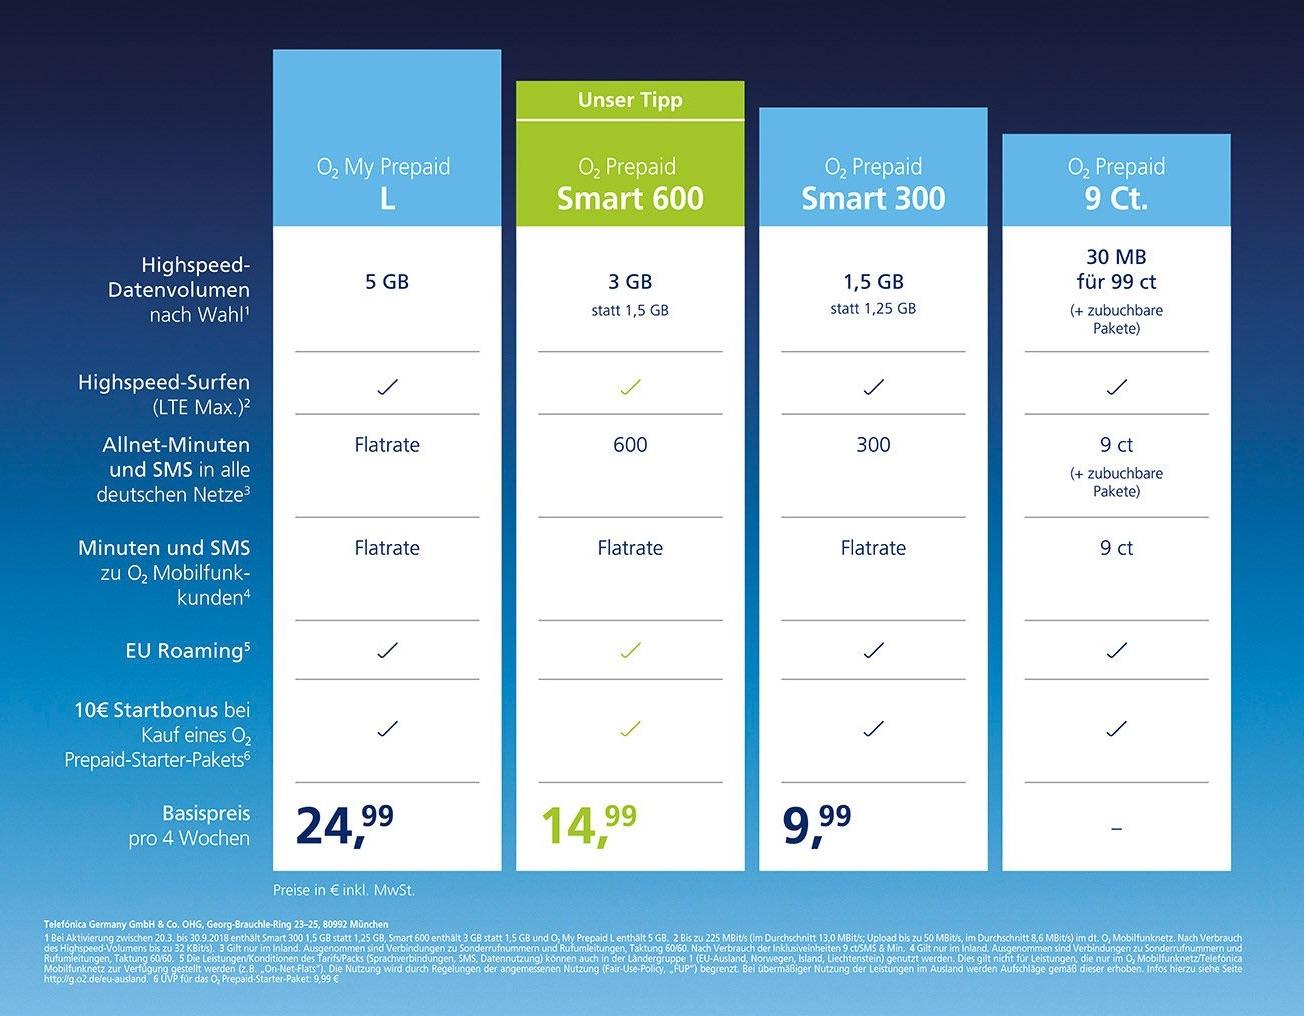 Bis zu 5GB: o2 überarbeitet Prepaid-Tarife